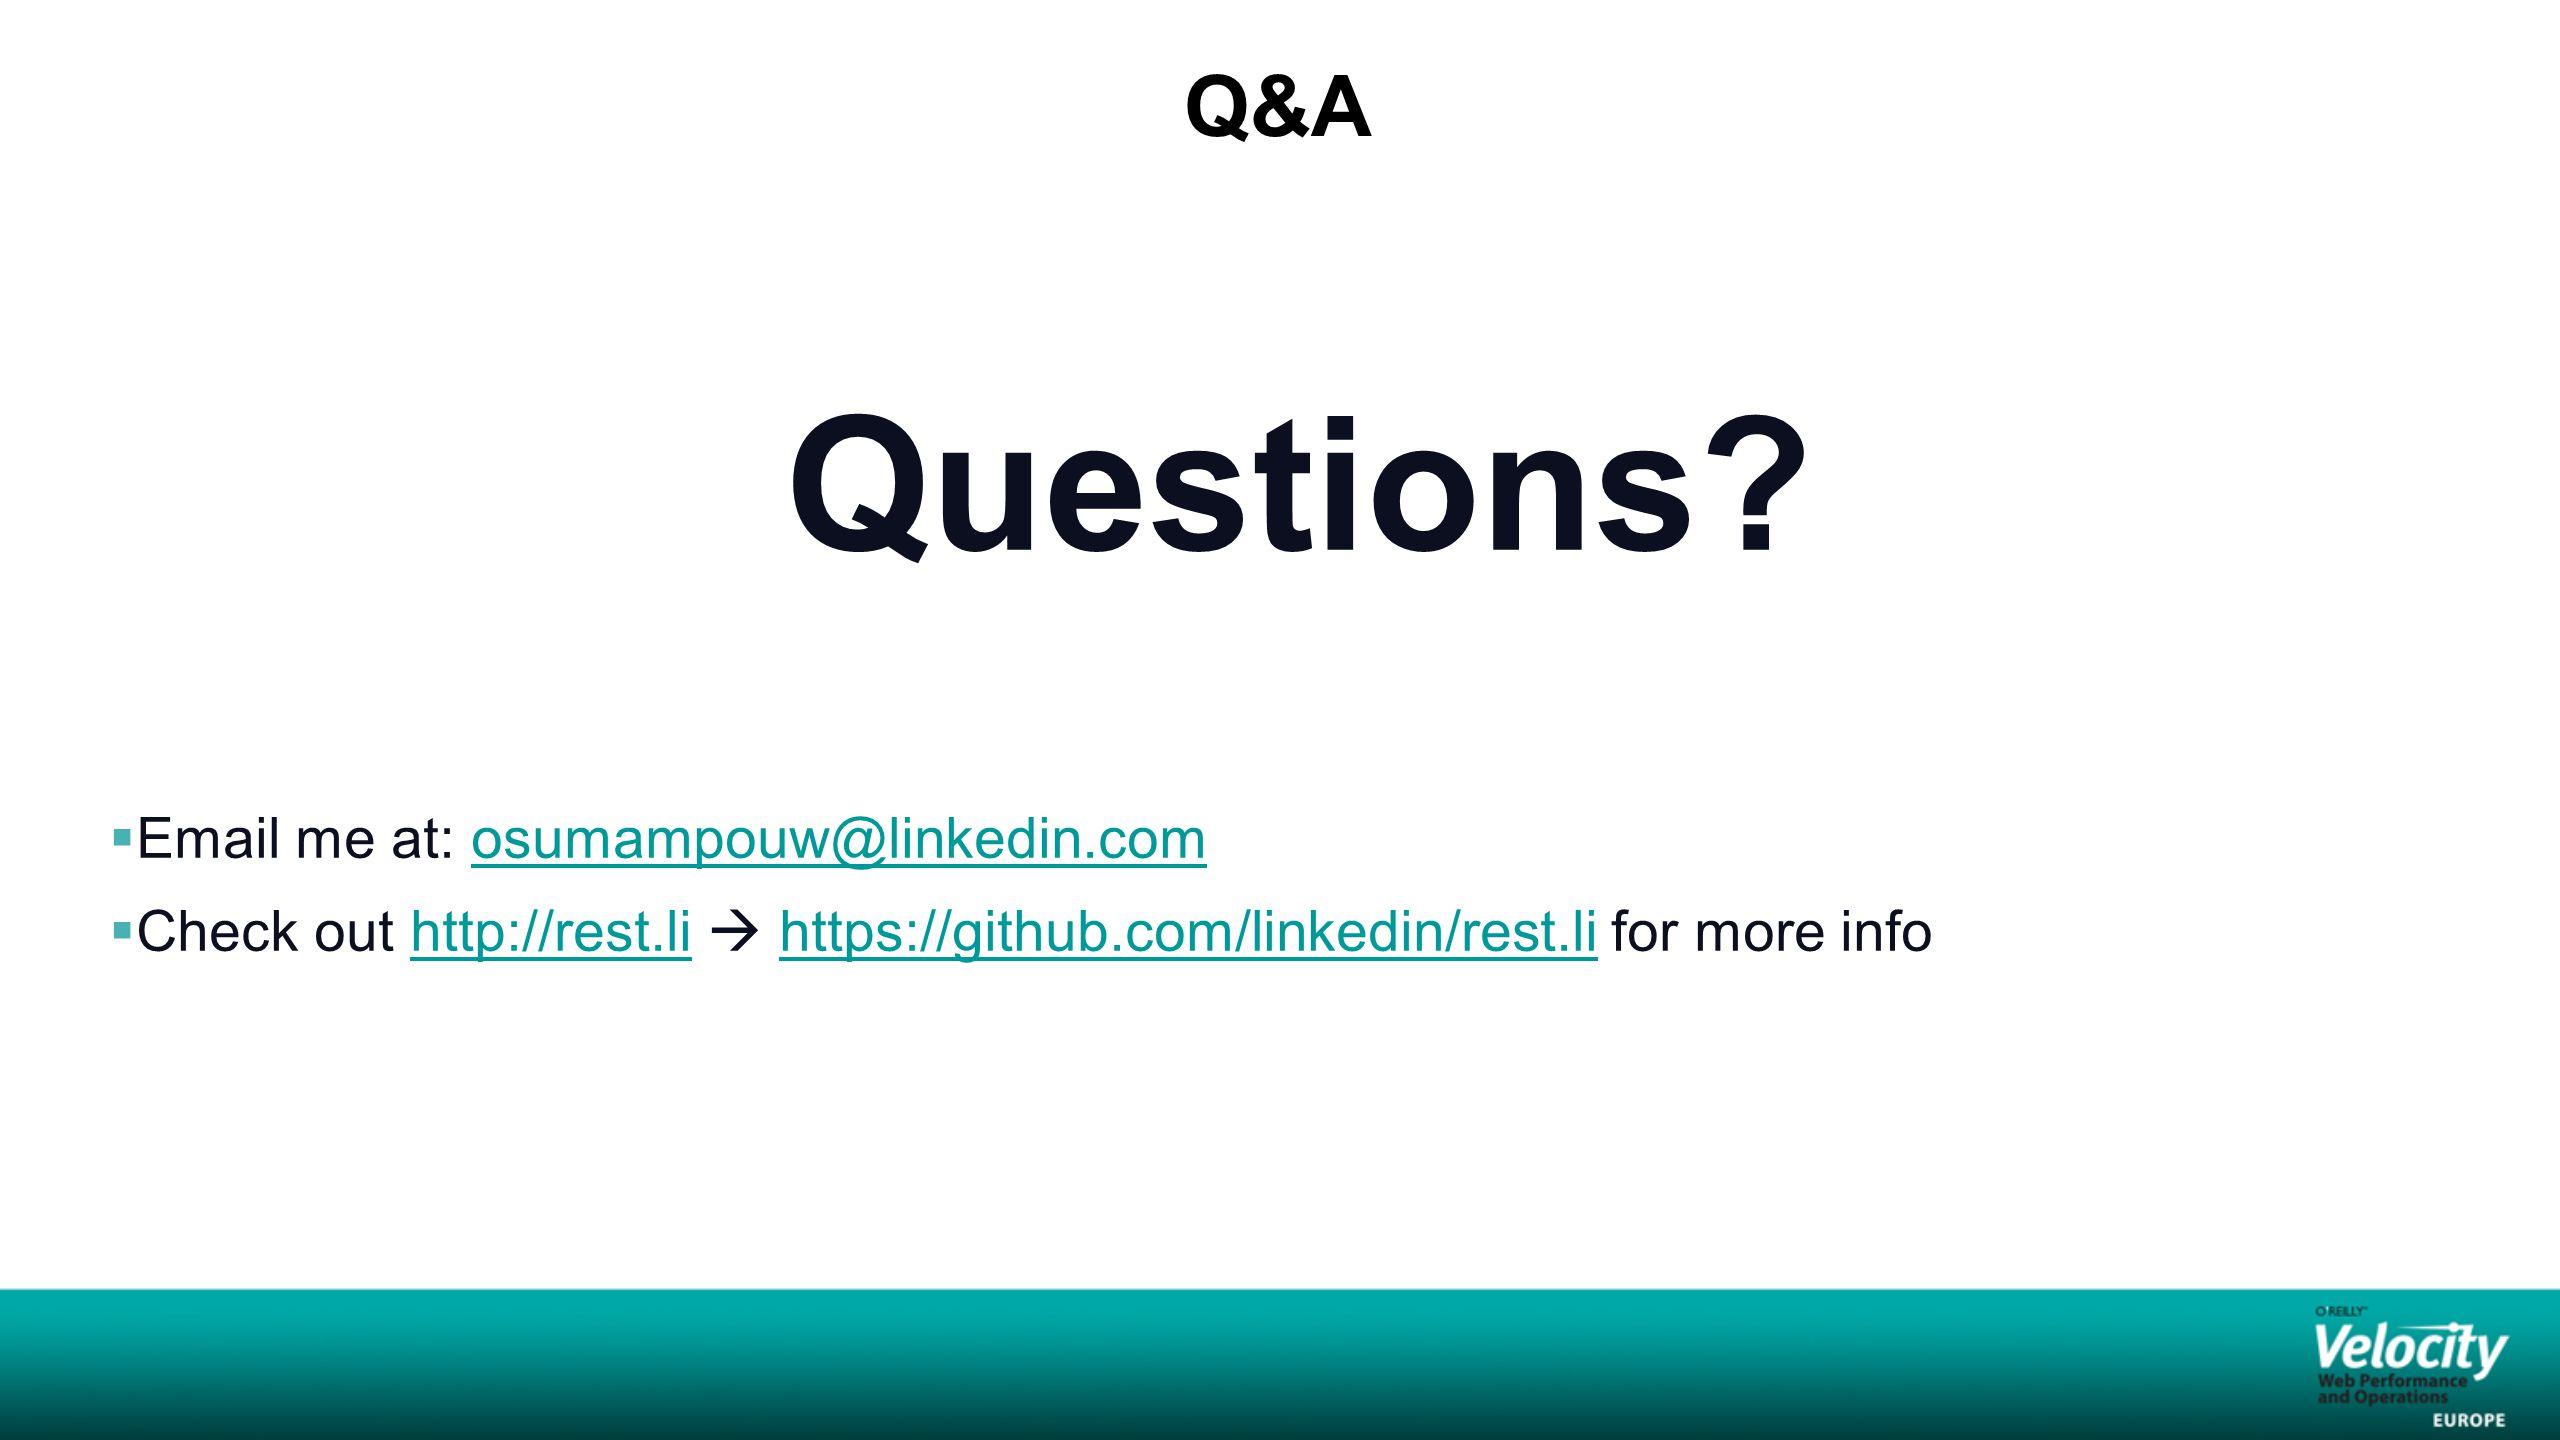 Q&A Questions.